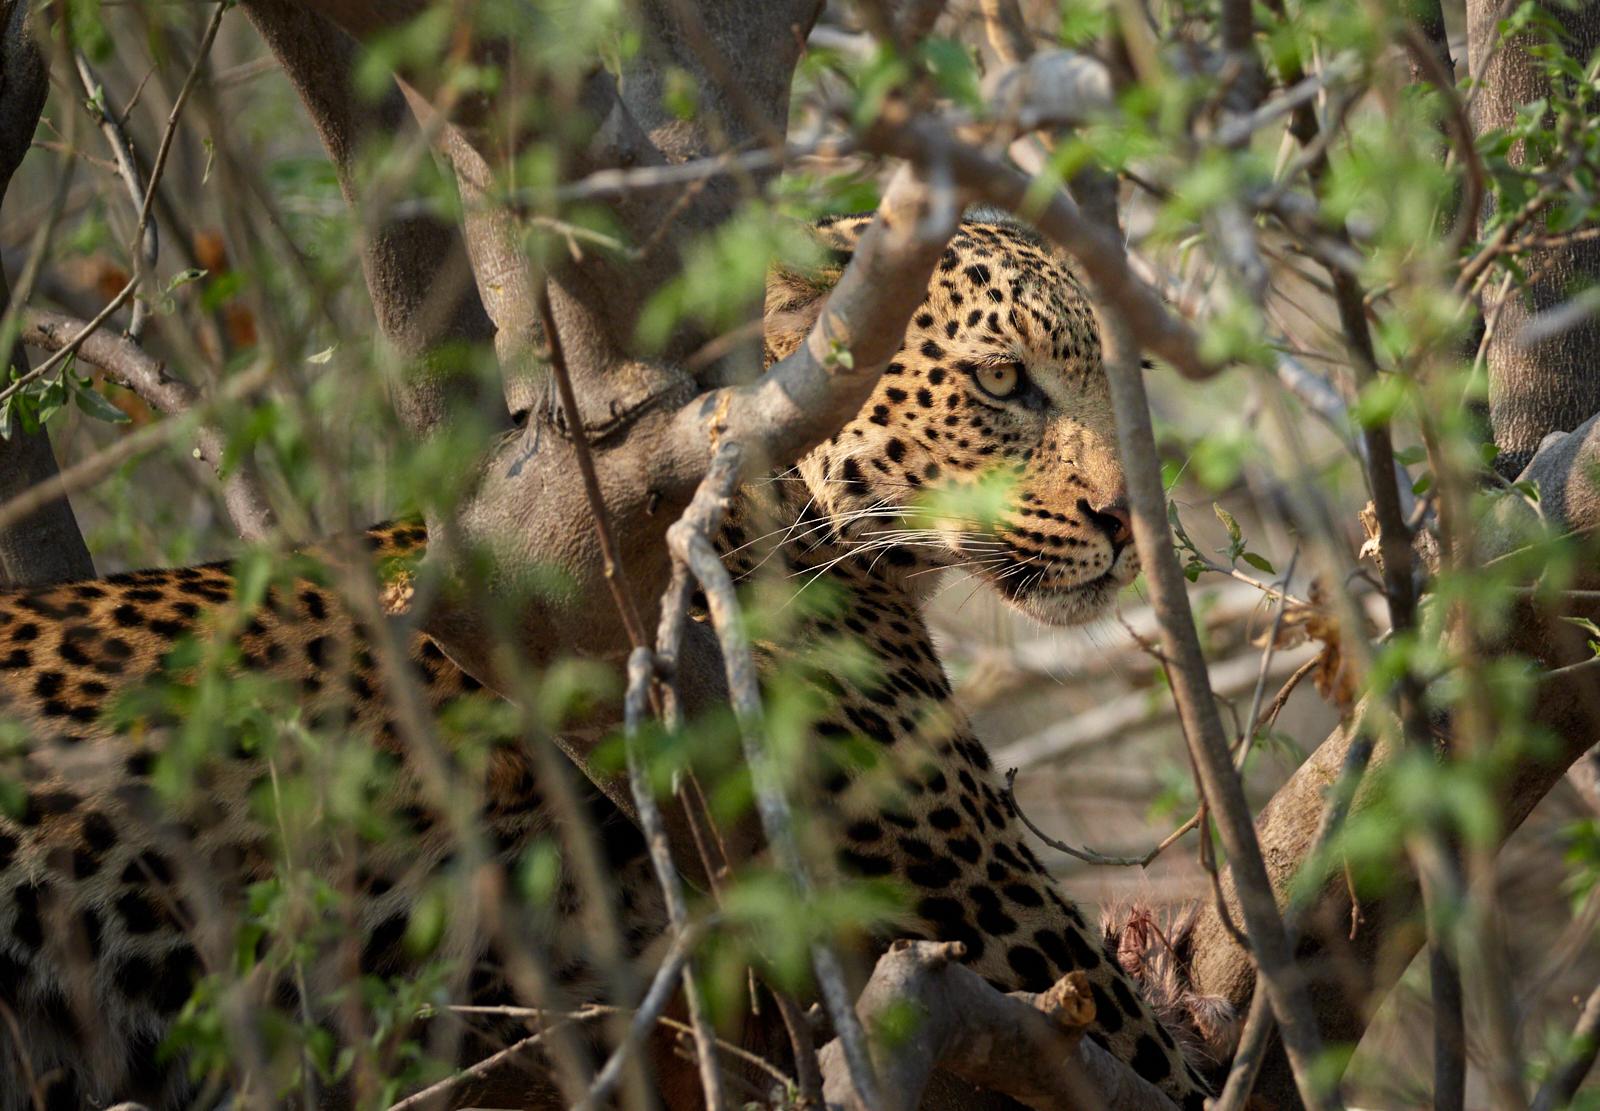 Treed leopard 1600x1200 sRGB 1.jpg